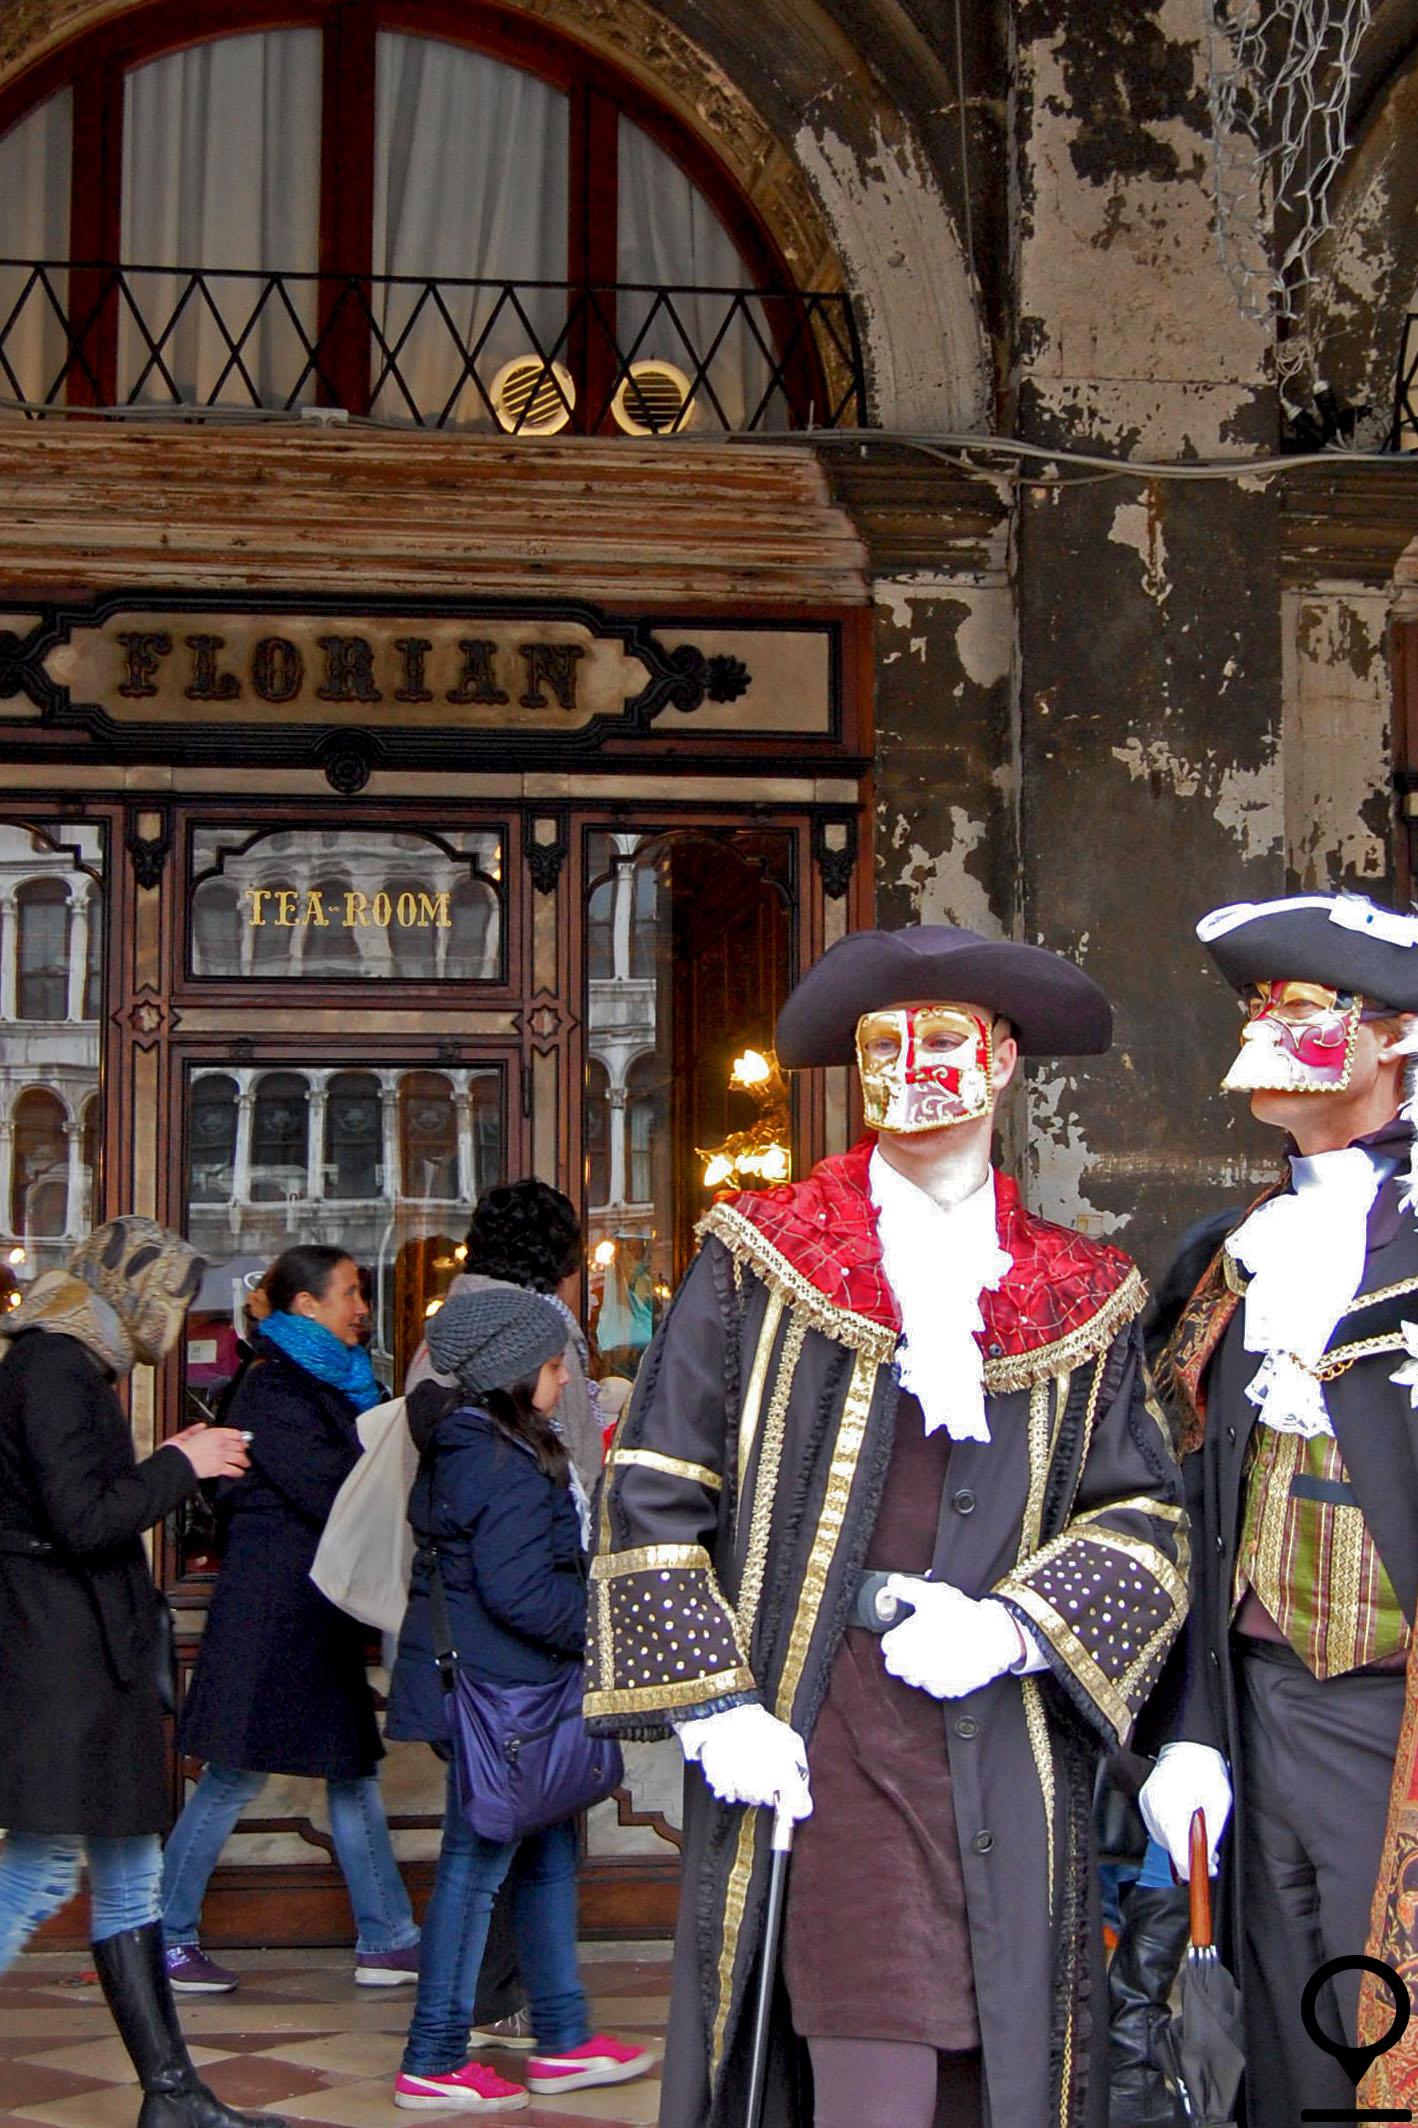 florian carnaval